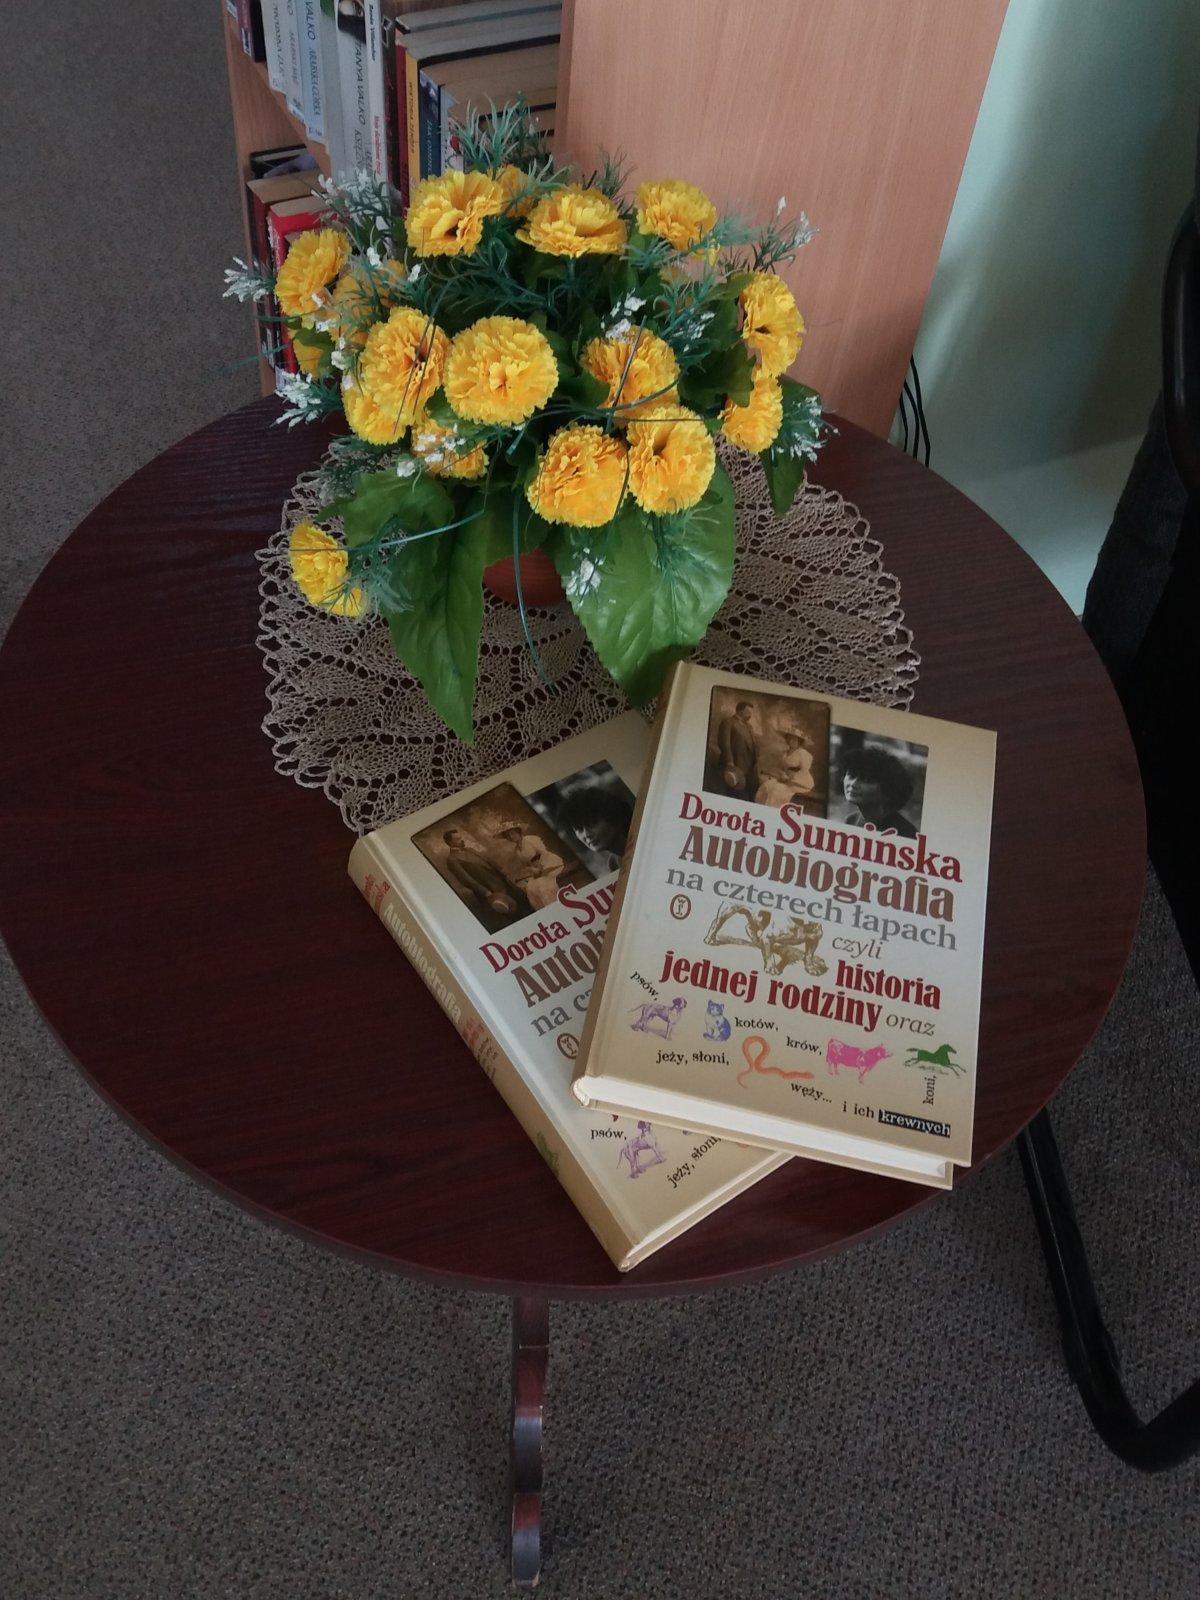 """Cudownie napisana historia rodziny, książka o tytule """"Autobiografia na czterech łapach czyli historia jednej rodziny oraz psów, kotów, krów, koni, jeży, żółwi, węży... i ich krewnych"""" - Doroty Sumińskiej, była 12 lutego tematem spotkania w ramach Dyskusyjnego Klubu Książki przy Filii Nr 4."""